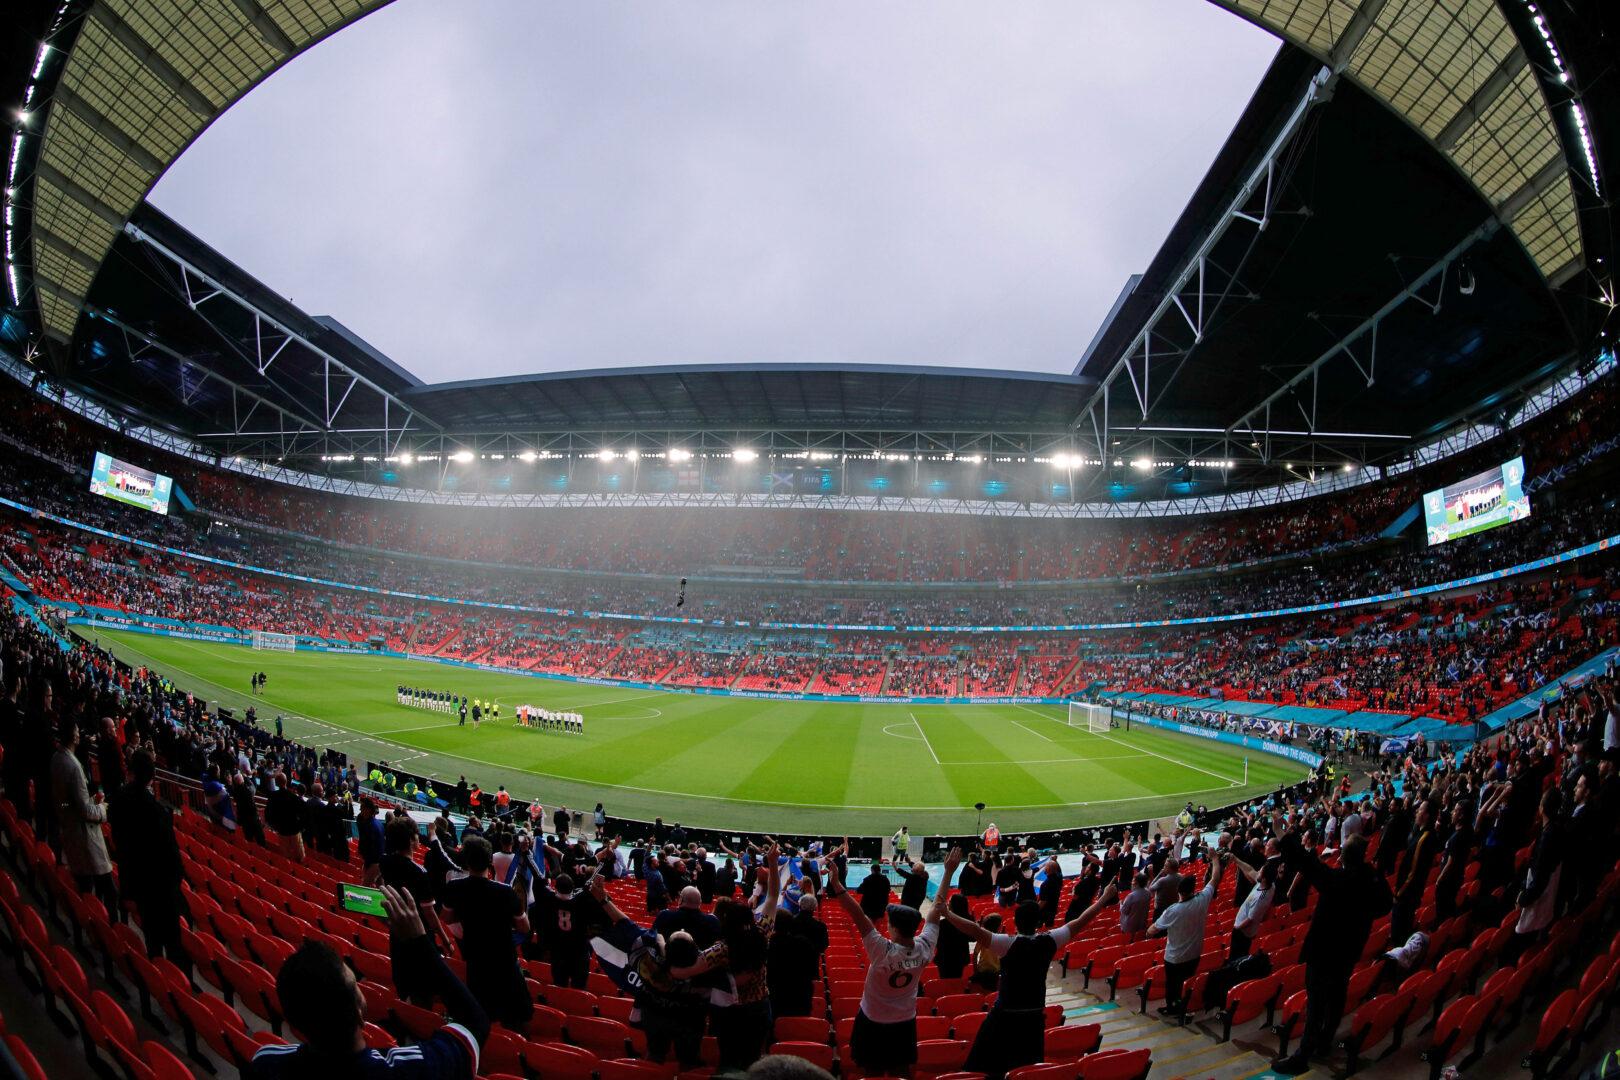 EM 2021 | Halbfinale & Finale in Wembley vor über 60.000 Zuschauern